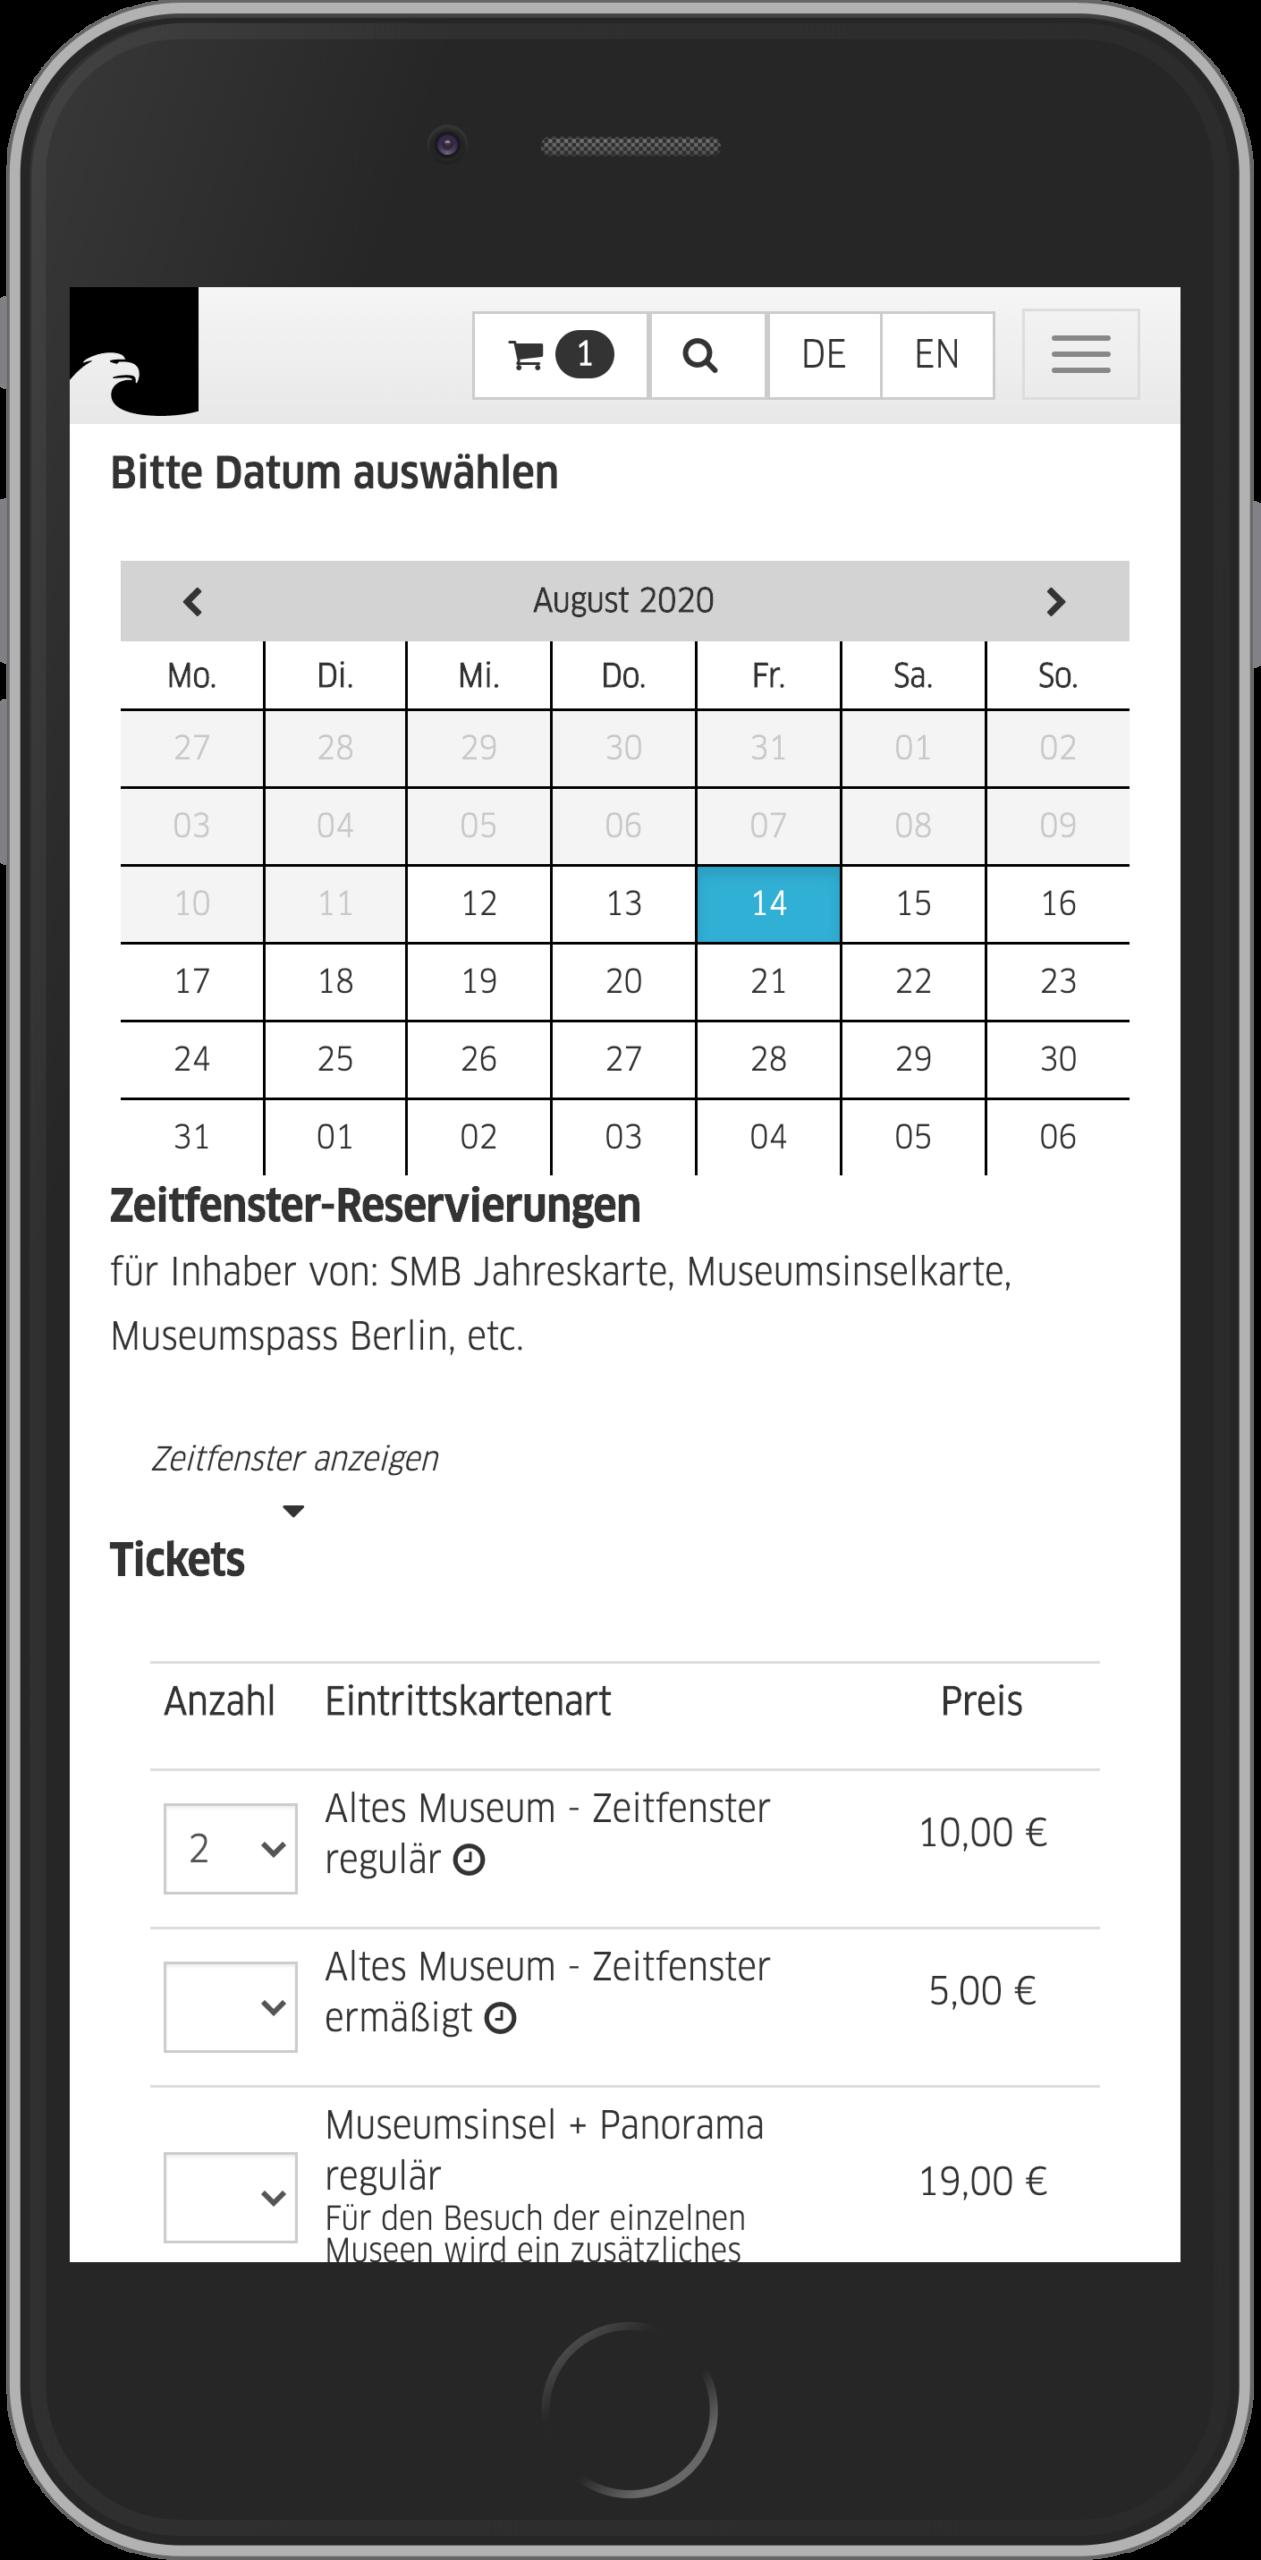 Mobile Ansicht der Datums- und Ticketauswahl im Online Shop der Staatlichen Museen zu Berlin